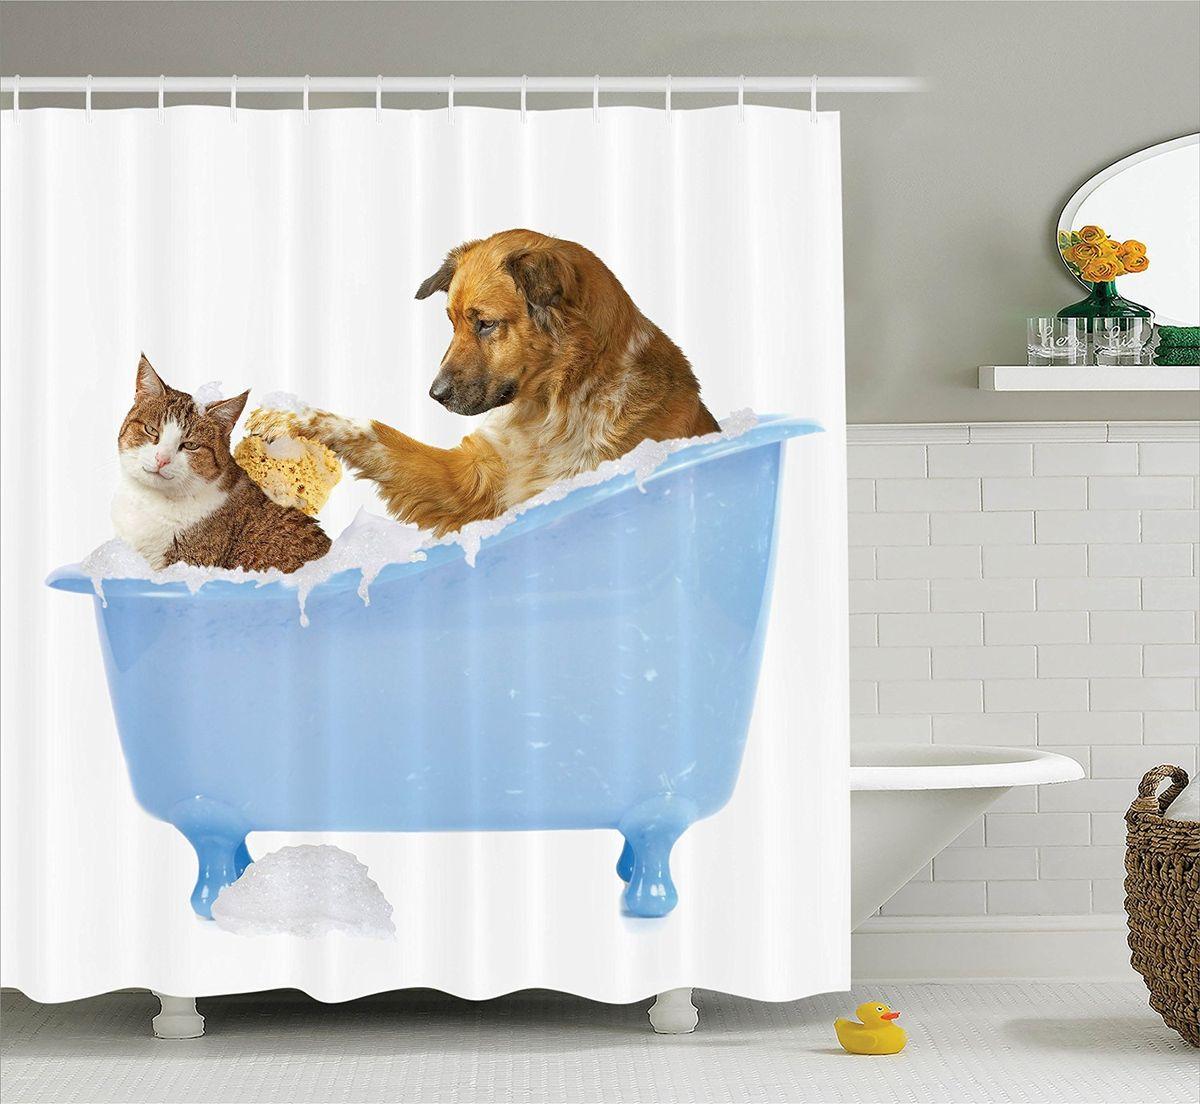 """Штора Magic Lady """"Кот и пес"""", изготовленная из высококачественного сатена (полиэстер 100%), отлично дополнит любой интерьер ванной комнаты. При изготовлении используются специальные гипоаллергенные чернила для прямой печати по ткани, безопасные для человека.    В комплекте: 1 штора, 12 крючков. Обращаем ваше внимание, фактический цвет изделия может незначительно отличаться от представленного на фото."""